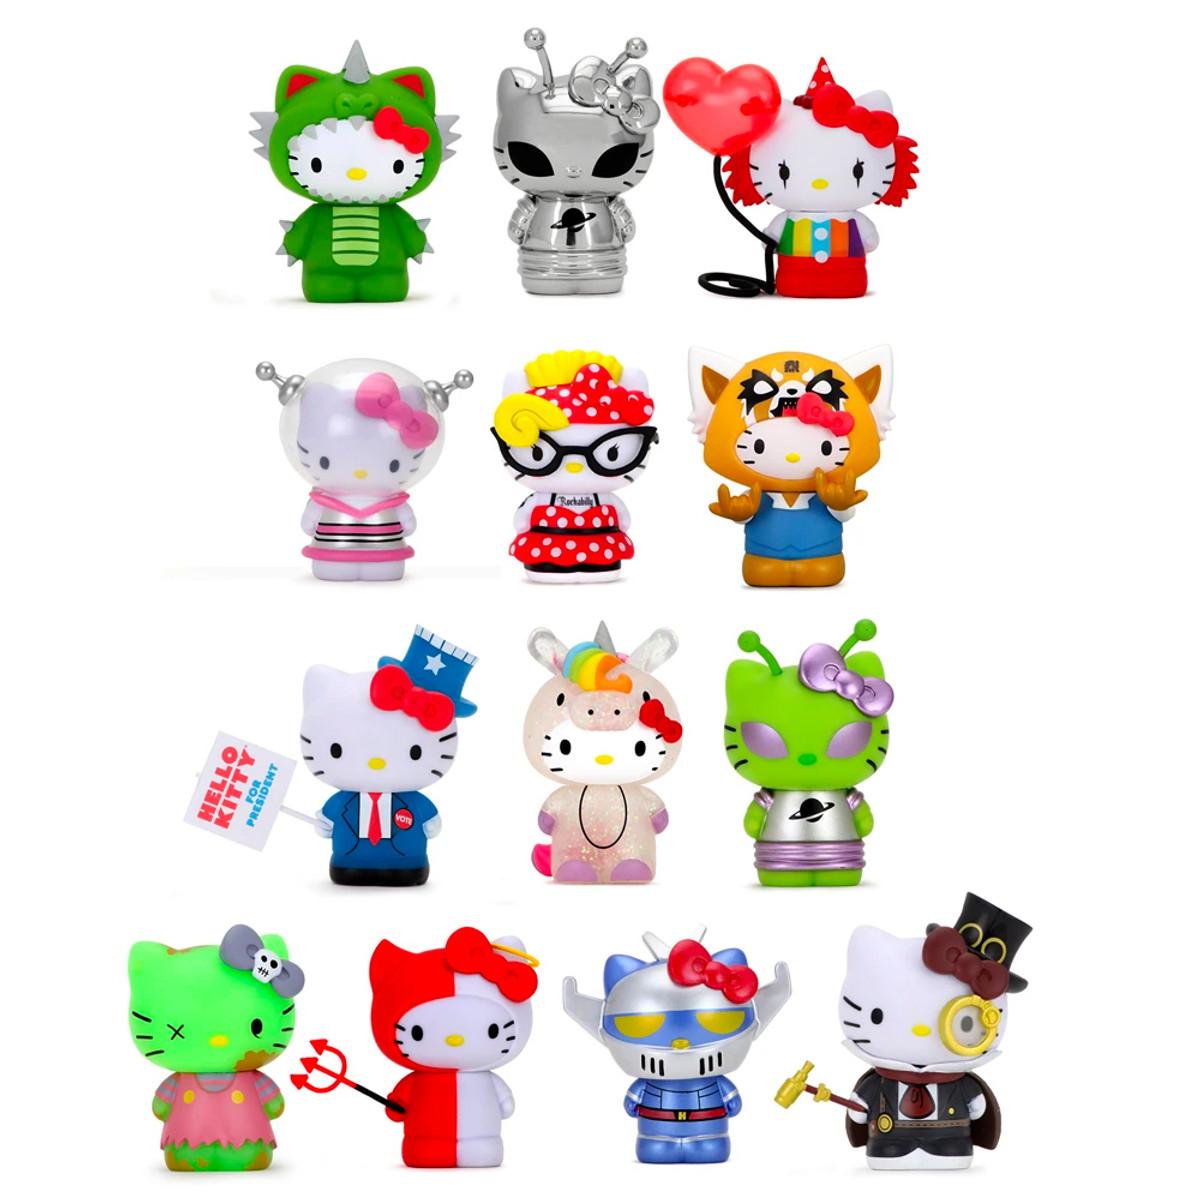 Hello Kitty Blindbox Series 3 Figures